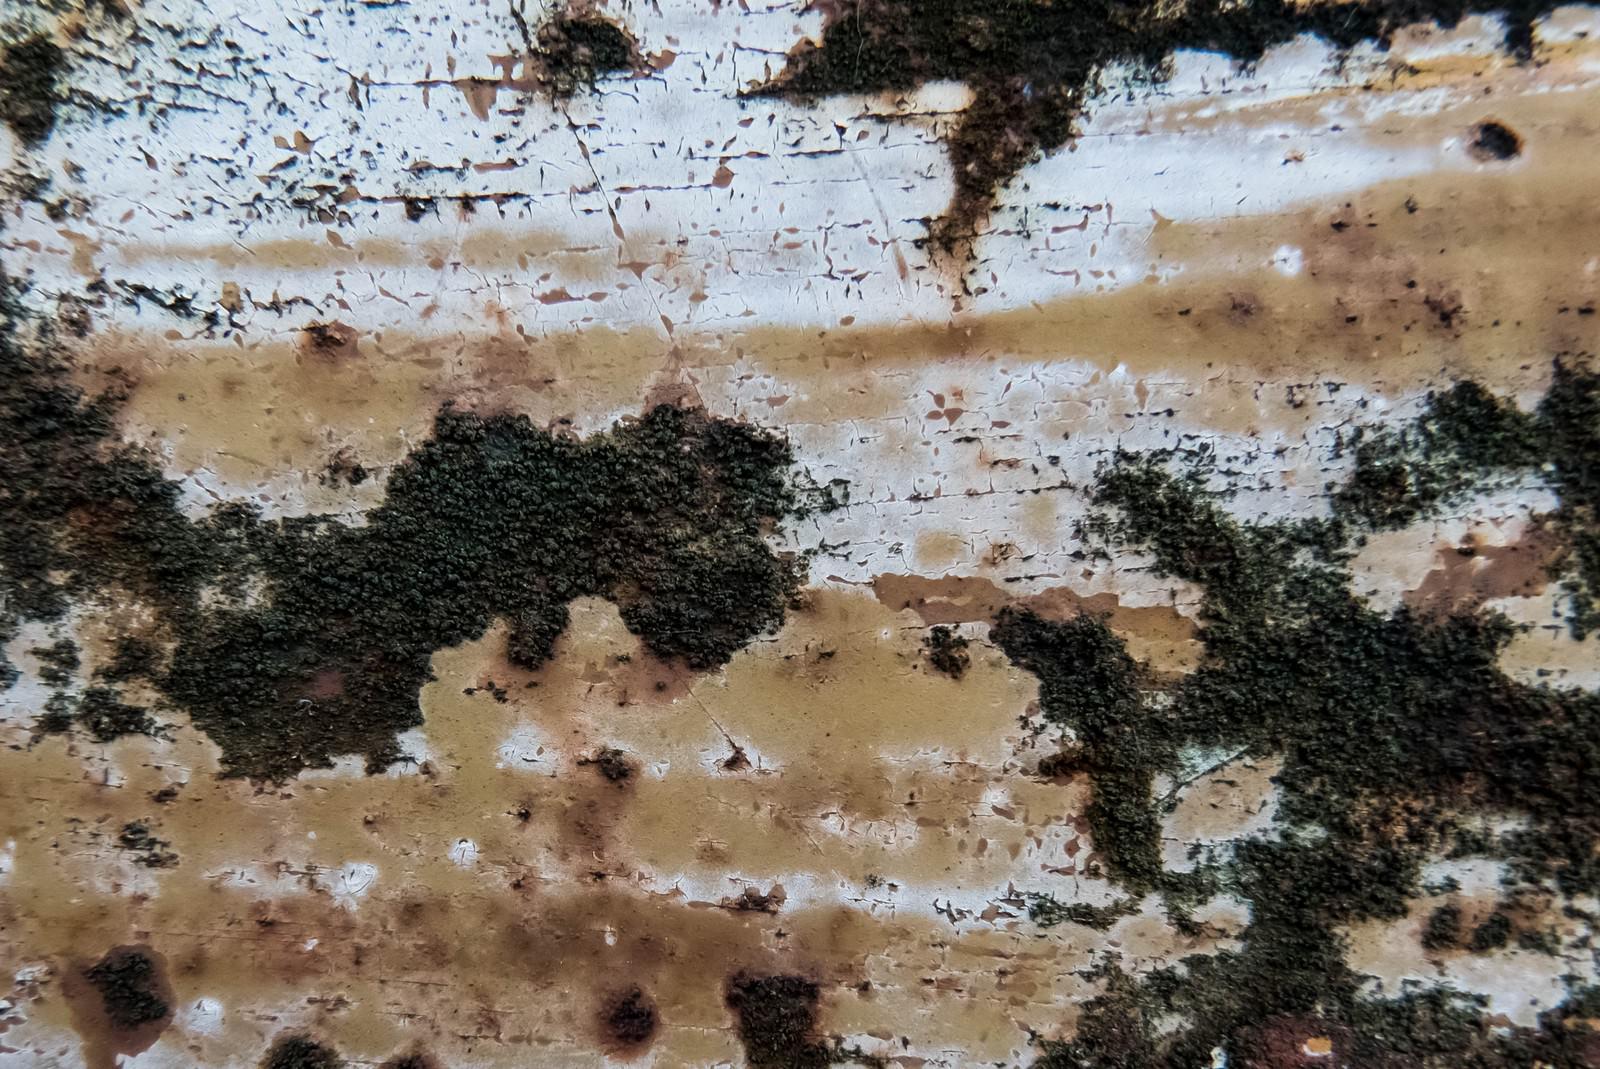 「腐食した壁から苔が生える腐食した壁から苔が生える」のフリー写真素材を拡大